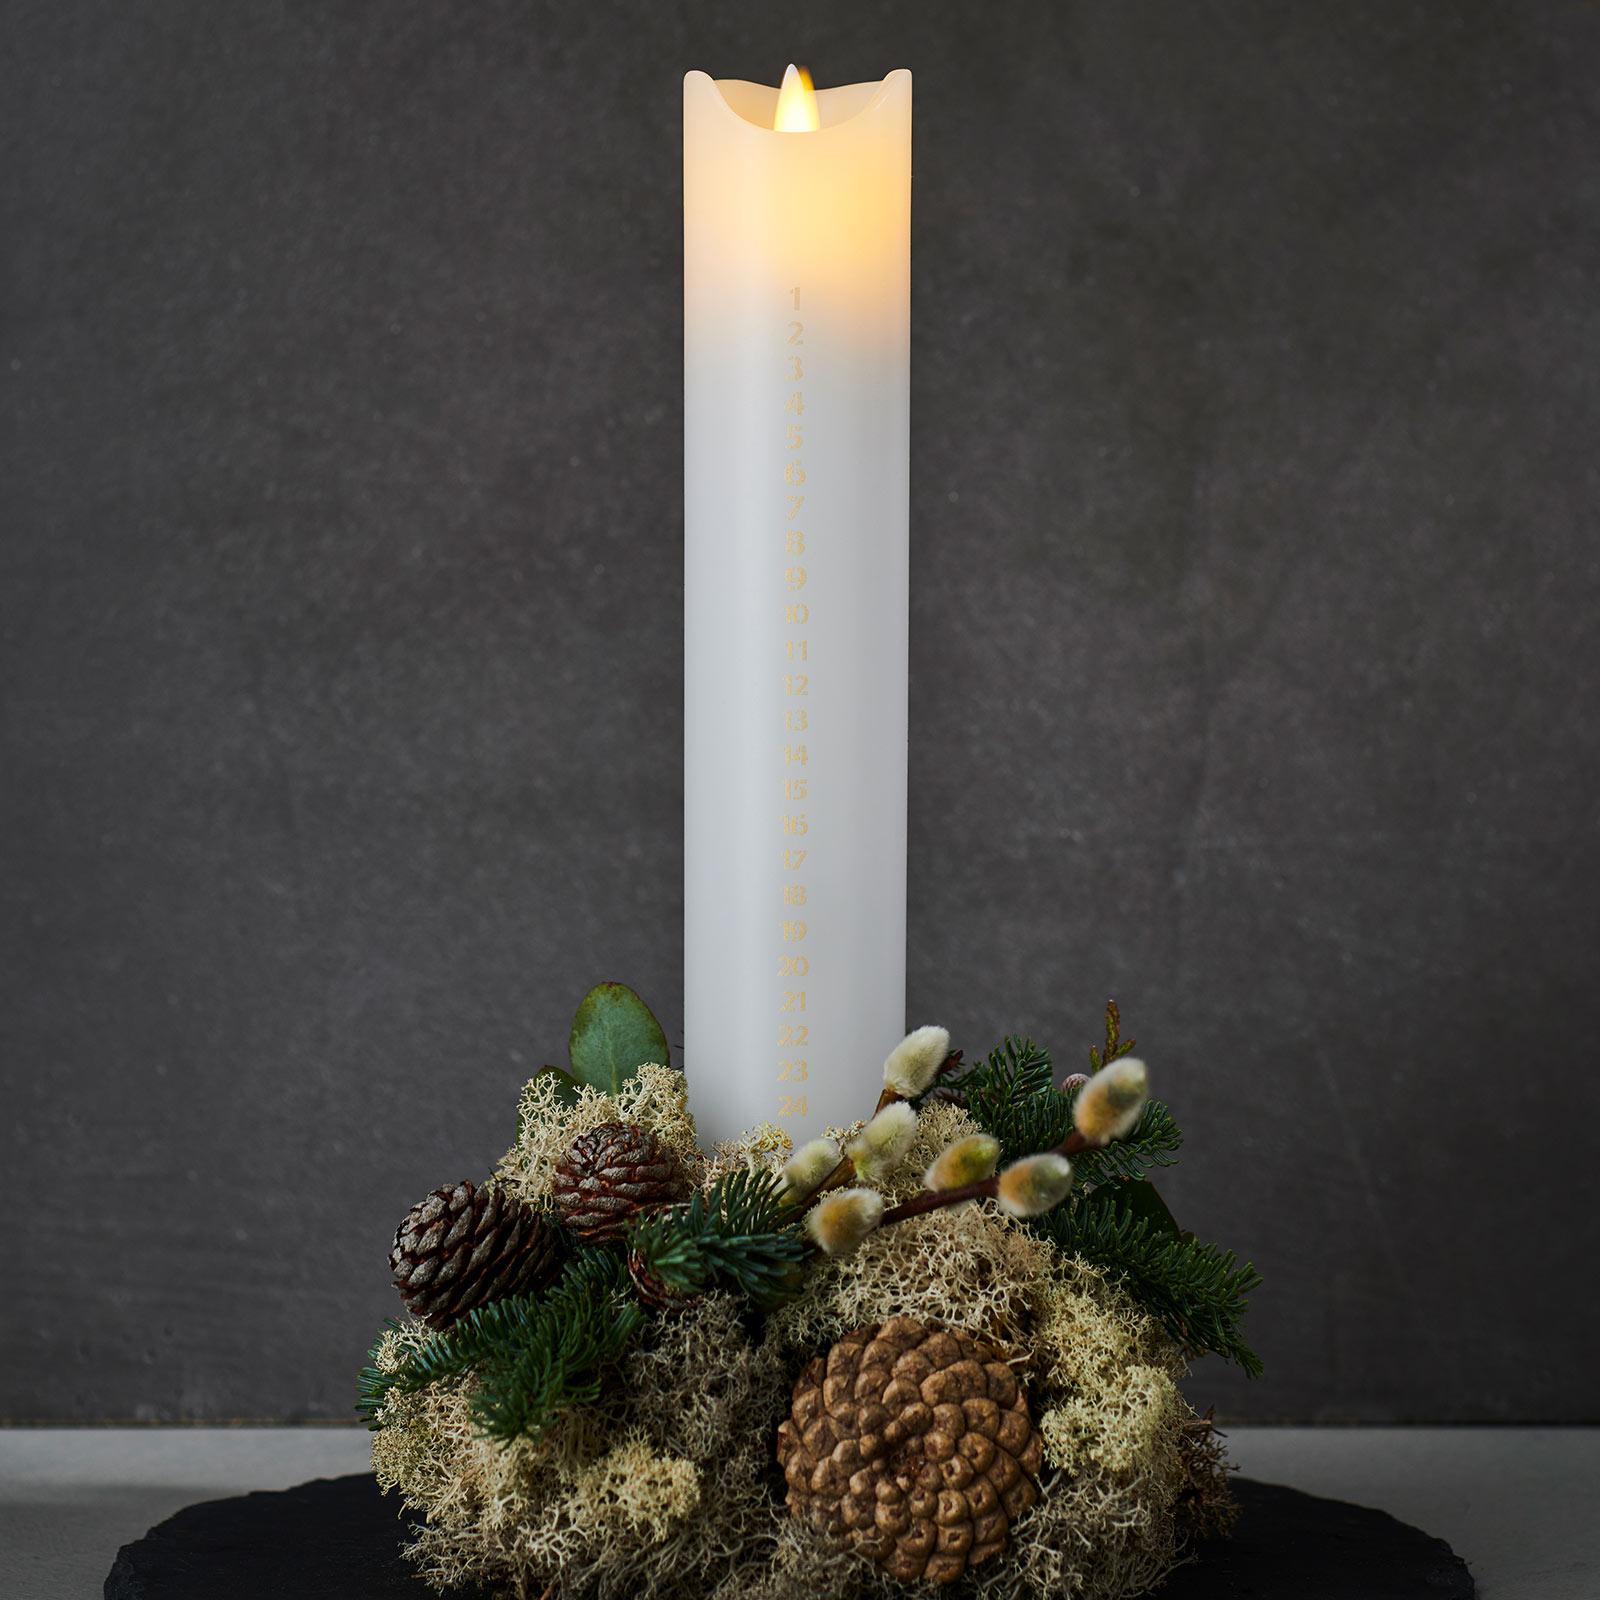 LED-kynttilä Sara Calendar, weiß/gold, Höhe 29 cm